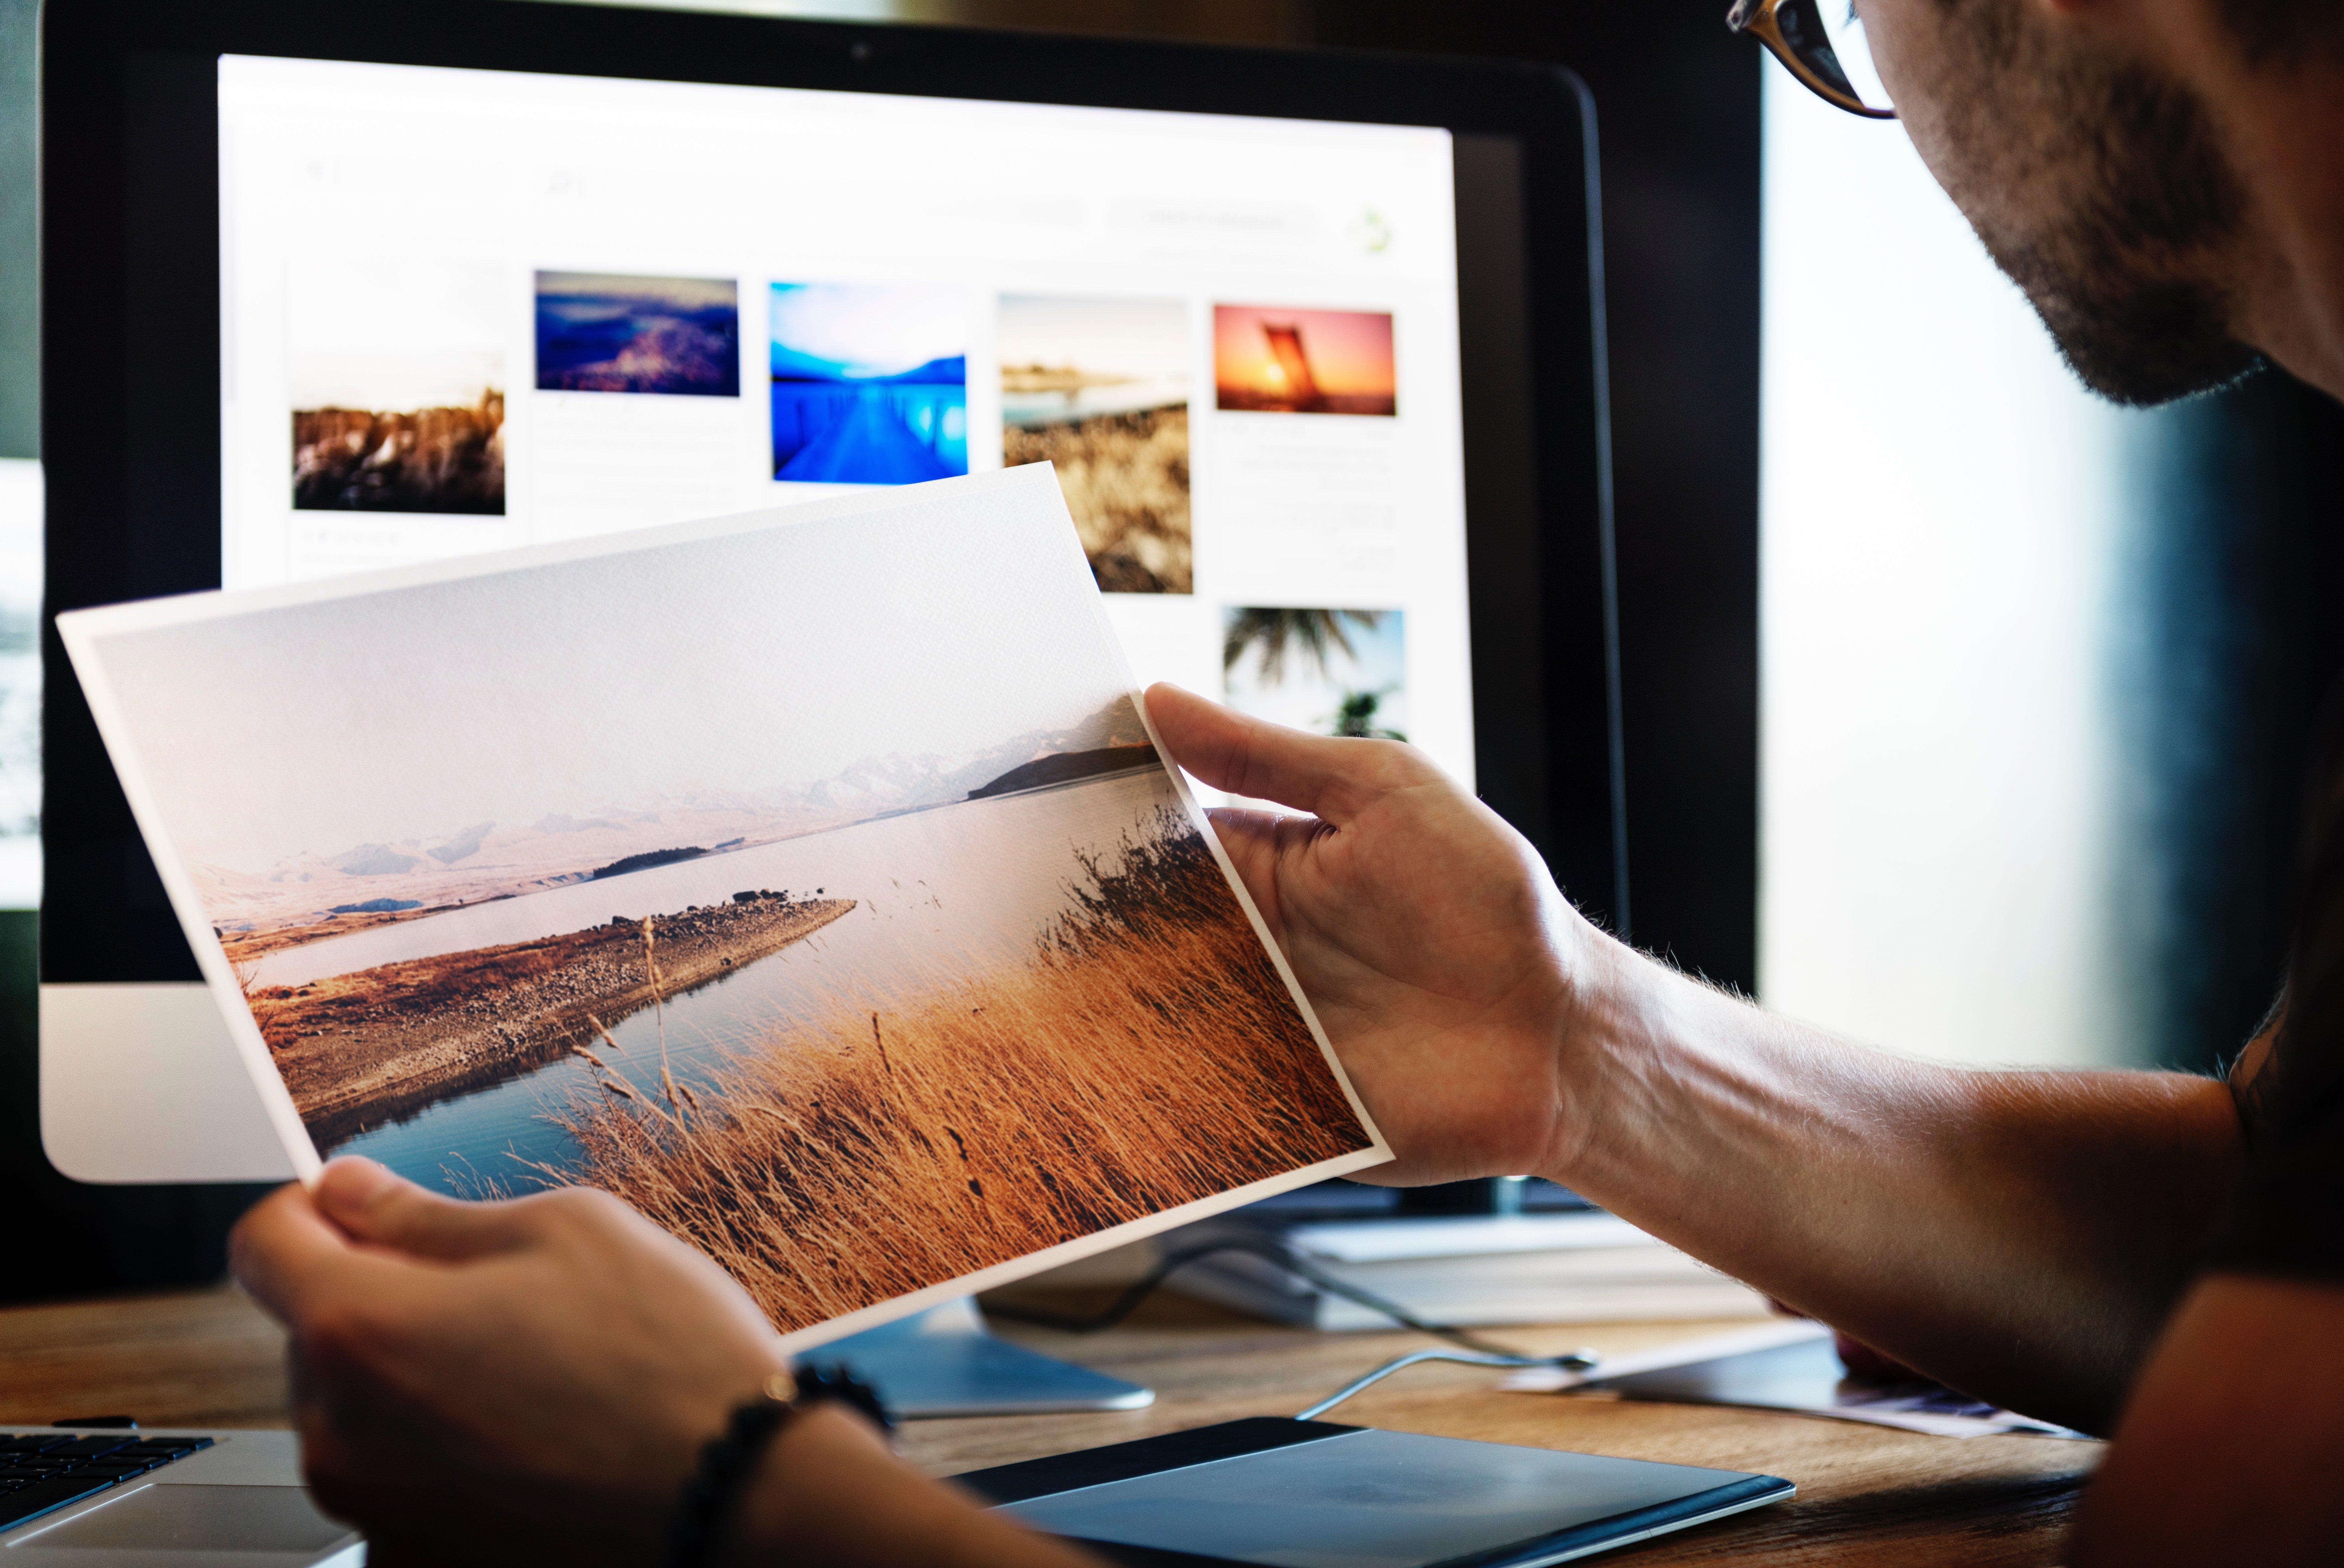 photographer checking photos